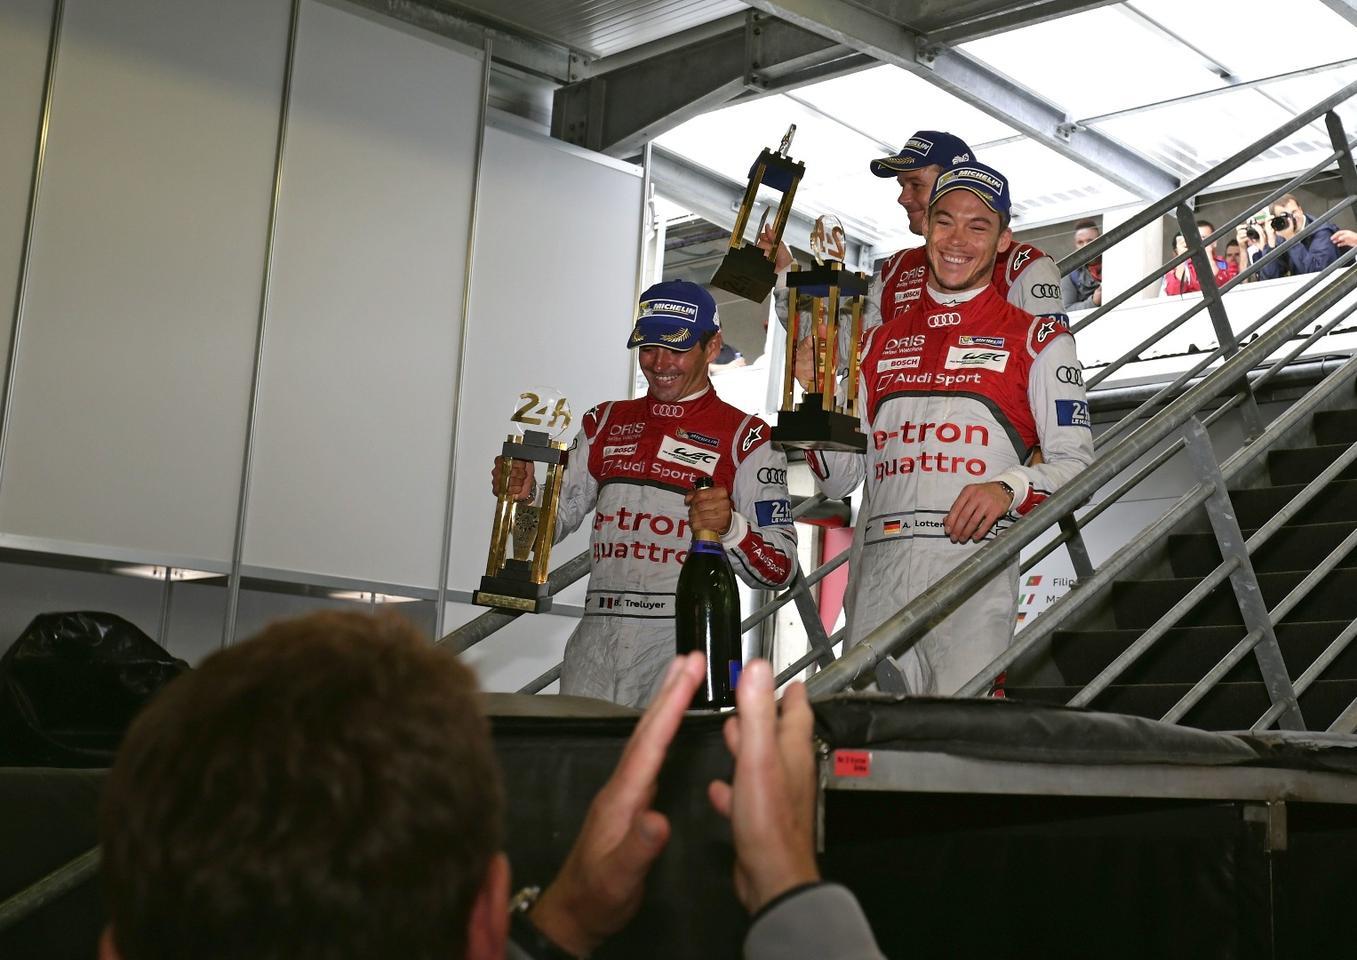 Audi's drivers celebrating post-race